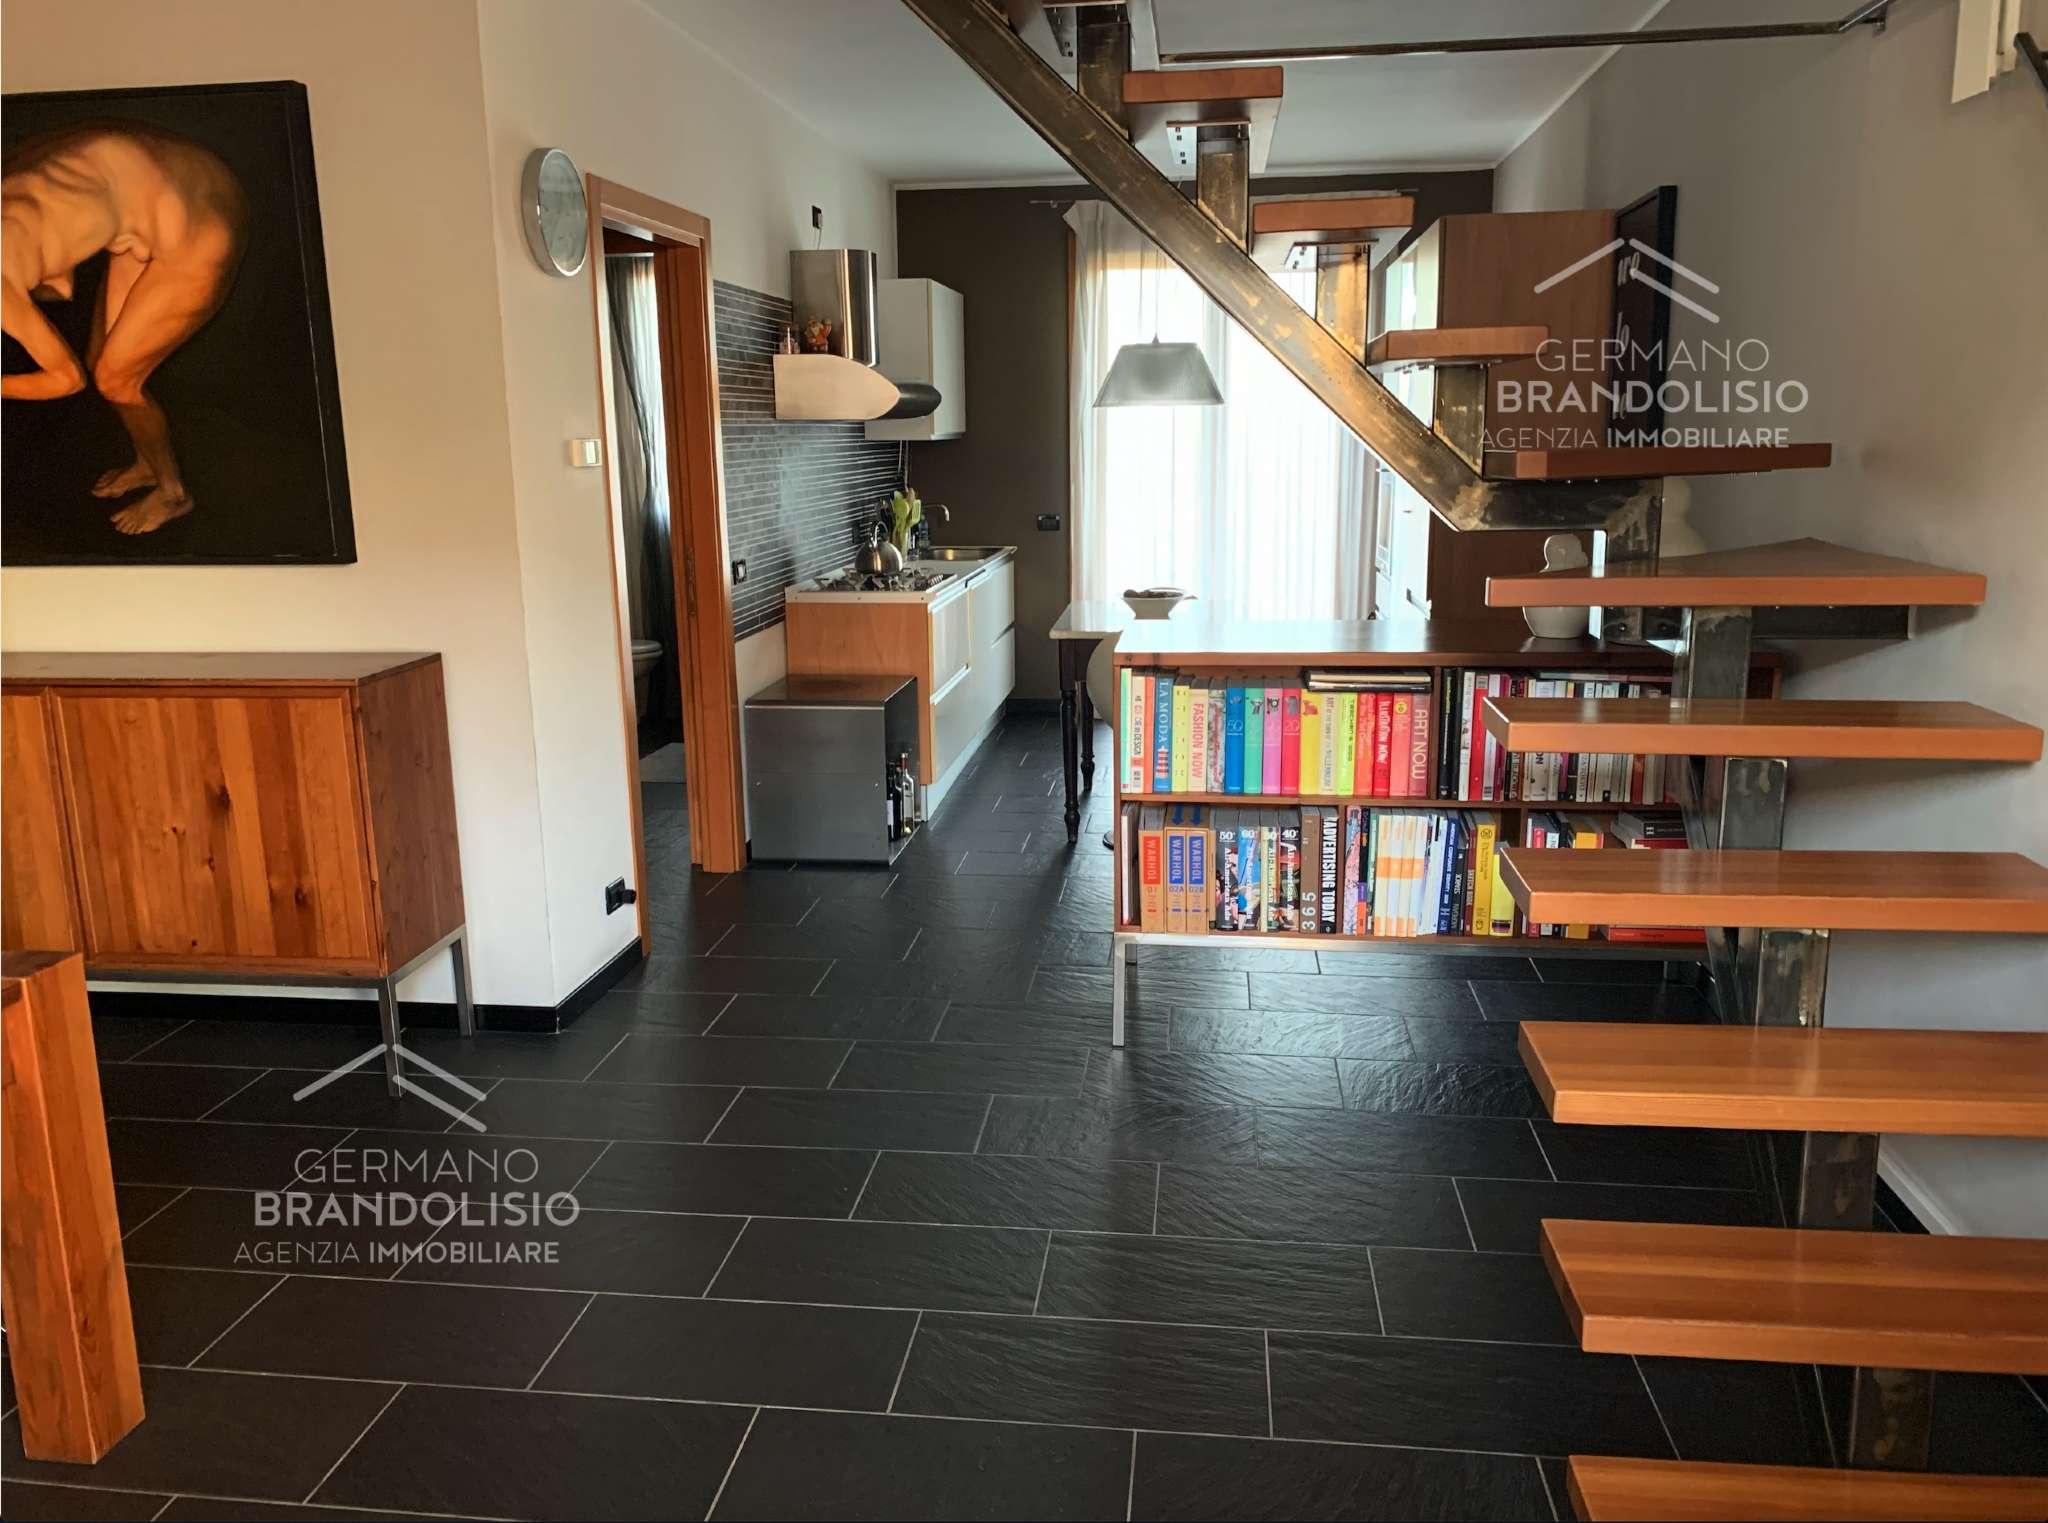 Appartamento in vendita a Zero Branco, 3 locali, prezzo € 162.000 | CambioCasa.it